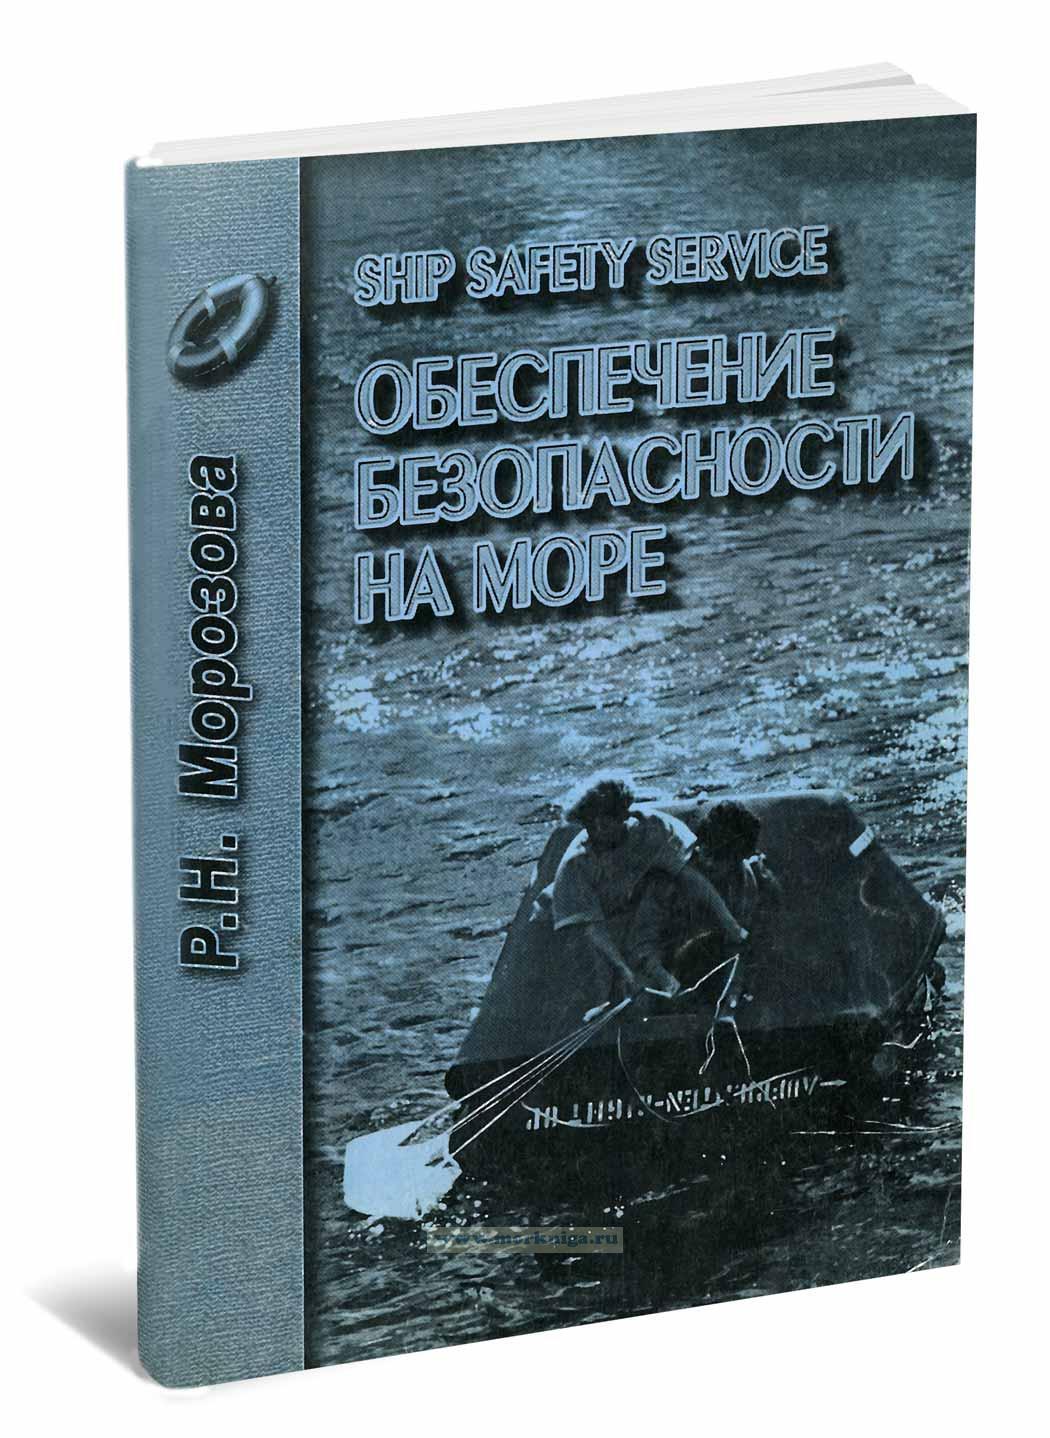 Ship safety service (обеспечение безопасности на море)